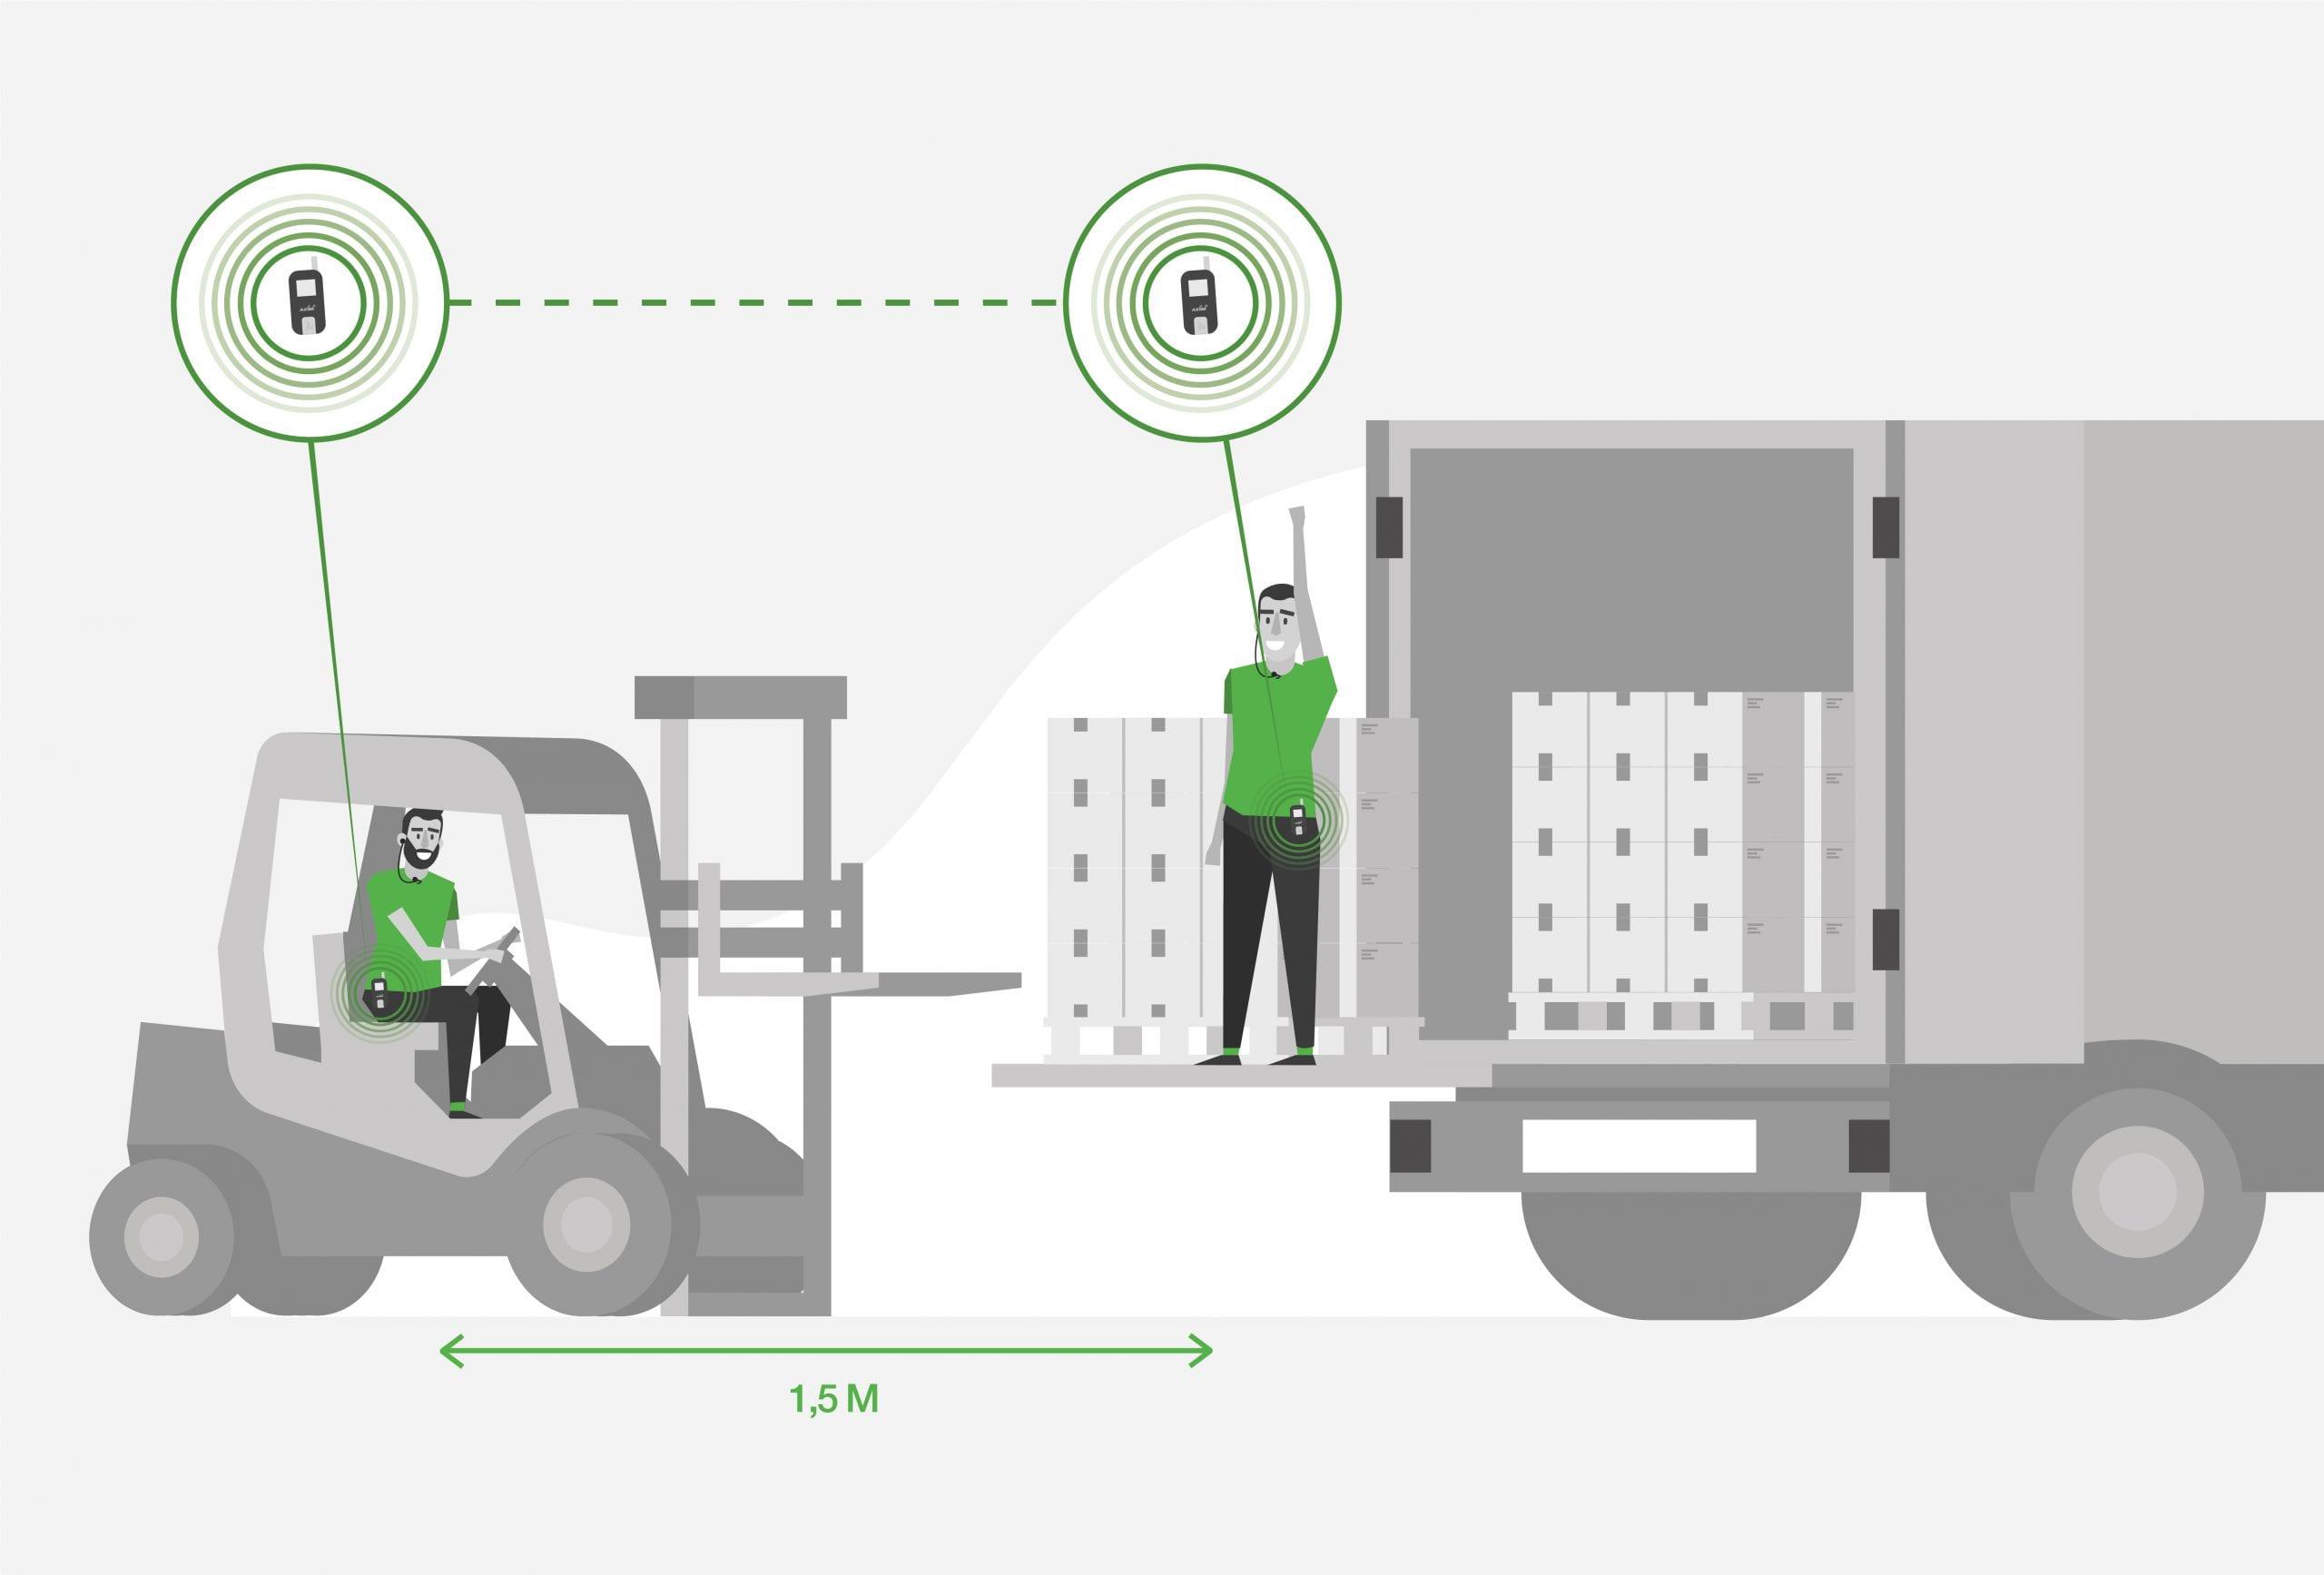 axiwi-veilig-hygienisch-op-afstand-communiceren-transport-logistiek